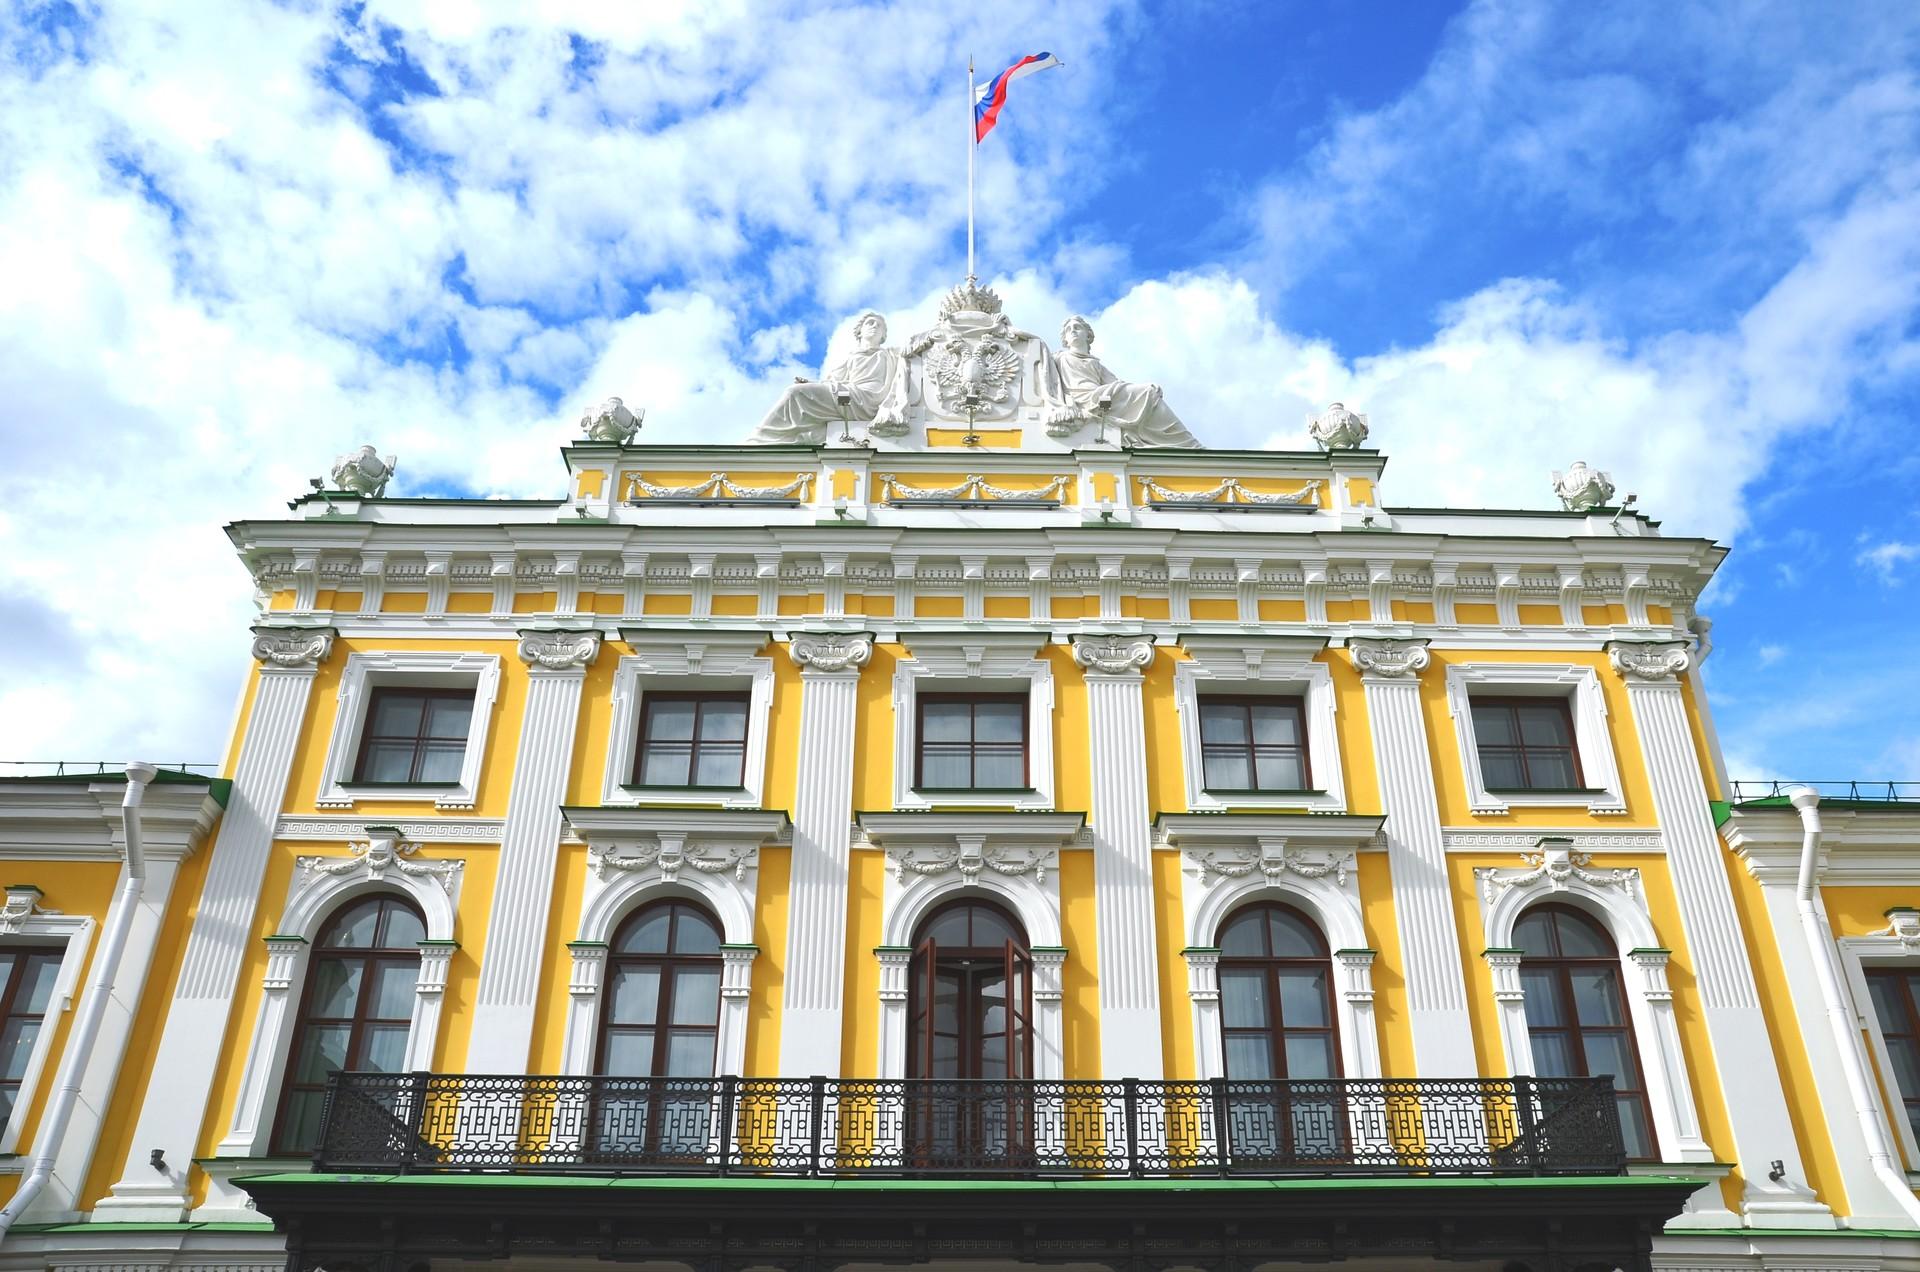 Twer: Der renovierte Zarenpalast Katharina der Großen beherbergt wieder die Twerer Staatliche Gemäldegalerie.